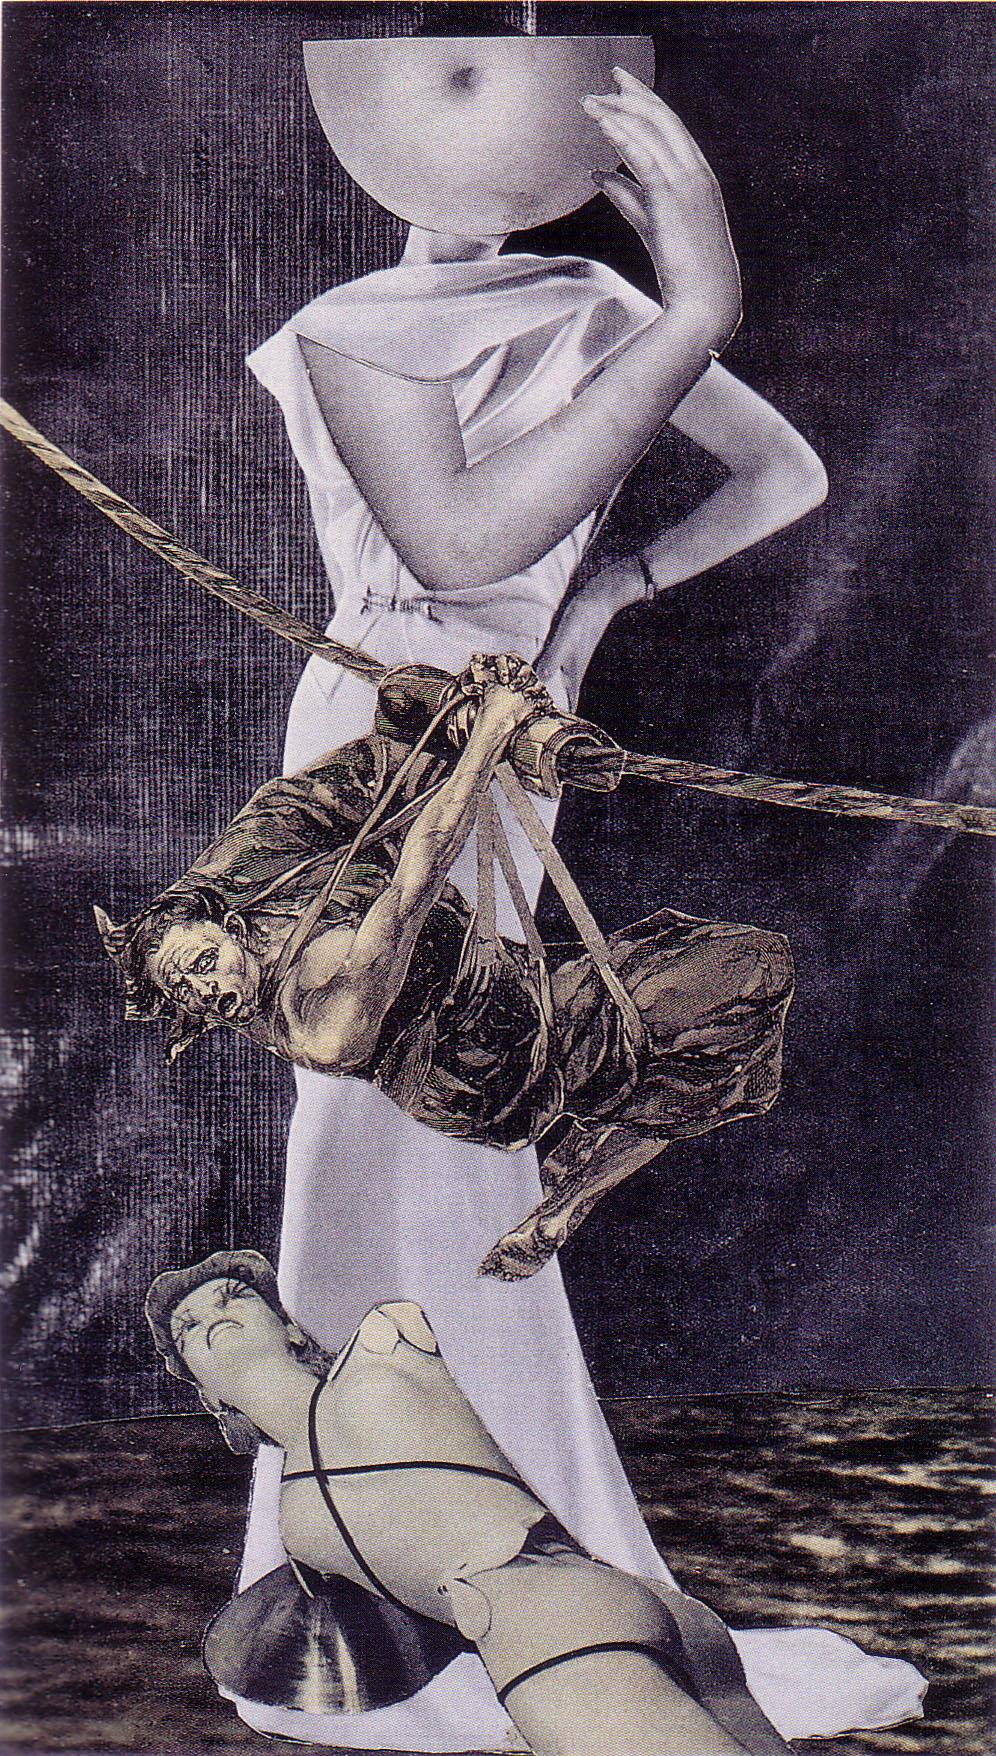 Karel Teige-Collage#45, 1938